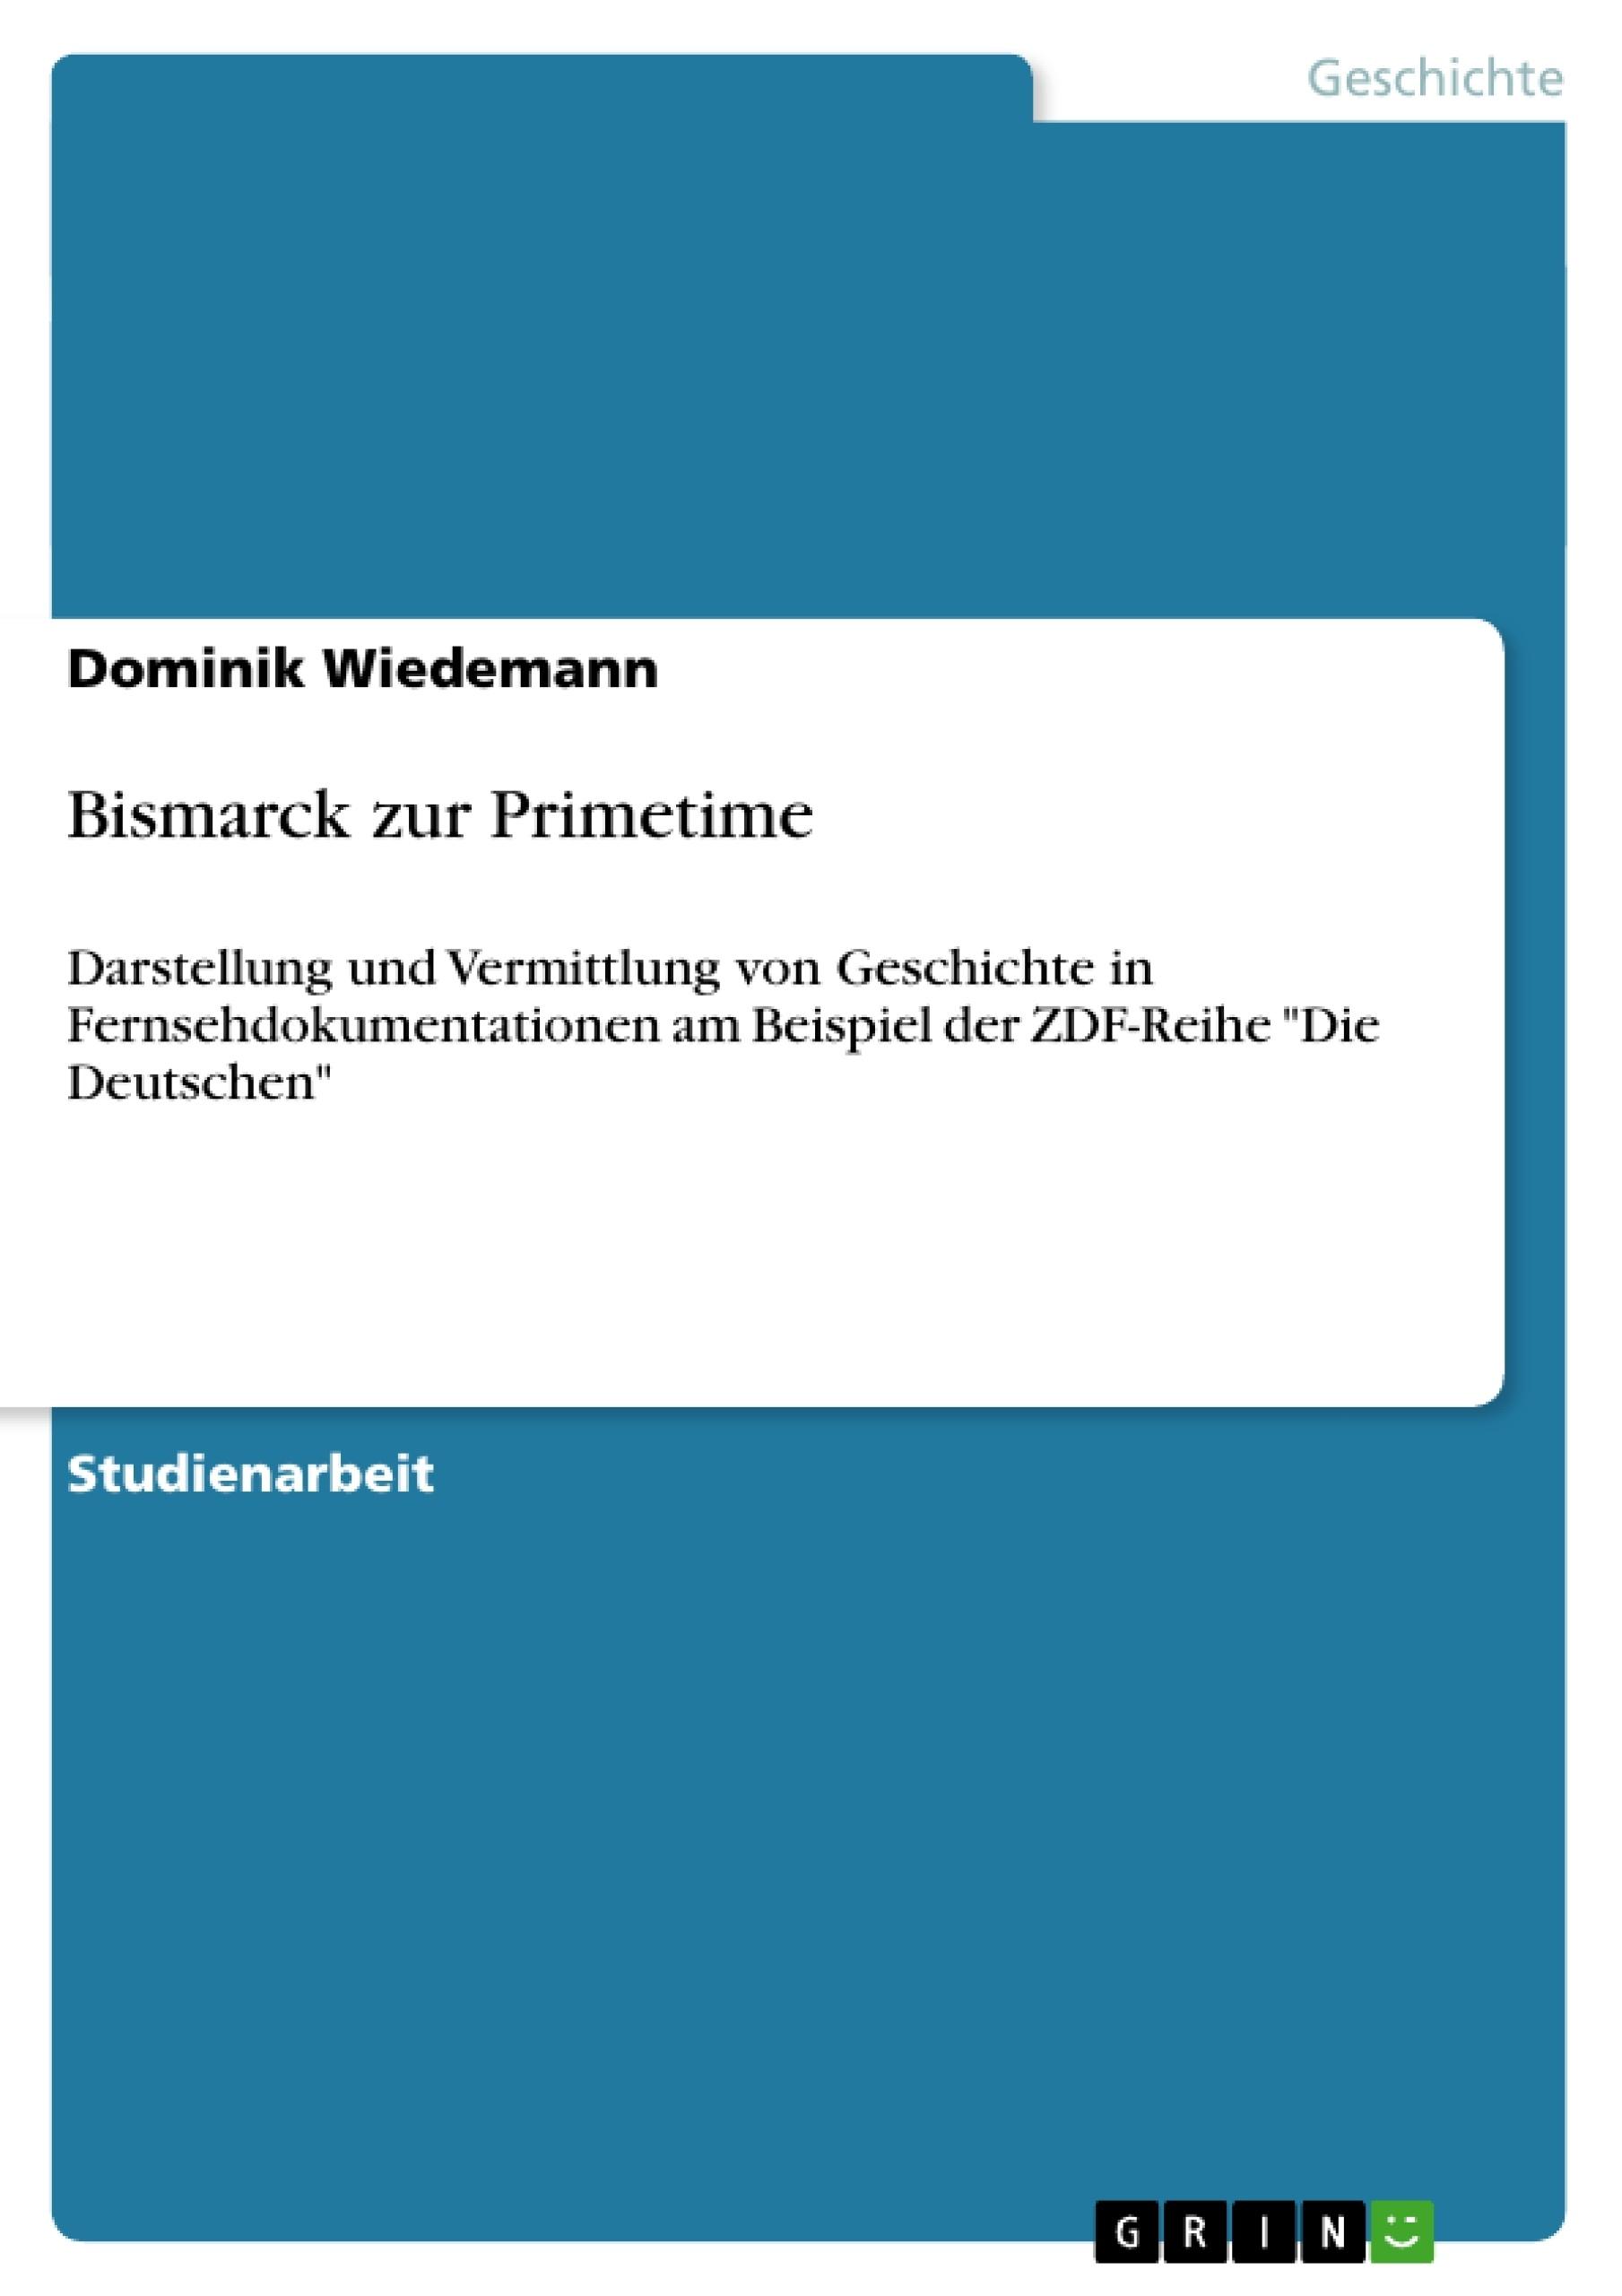 Titel: Bismarck zur Primetime